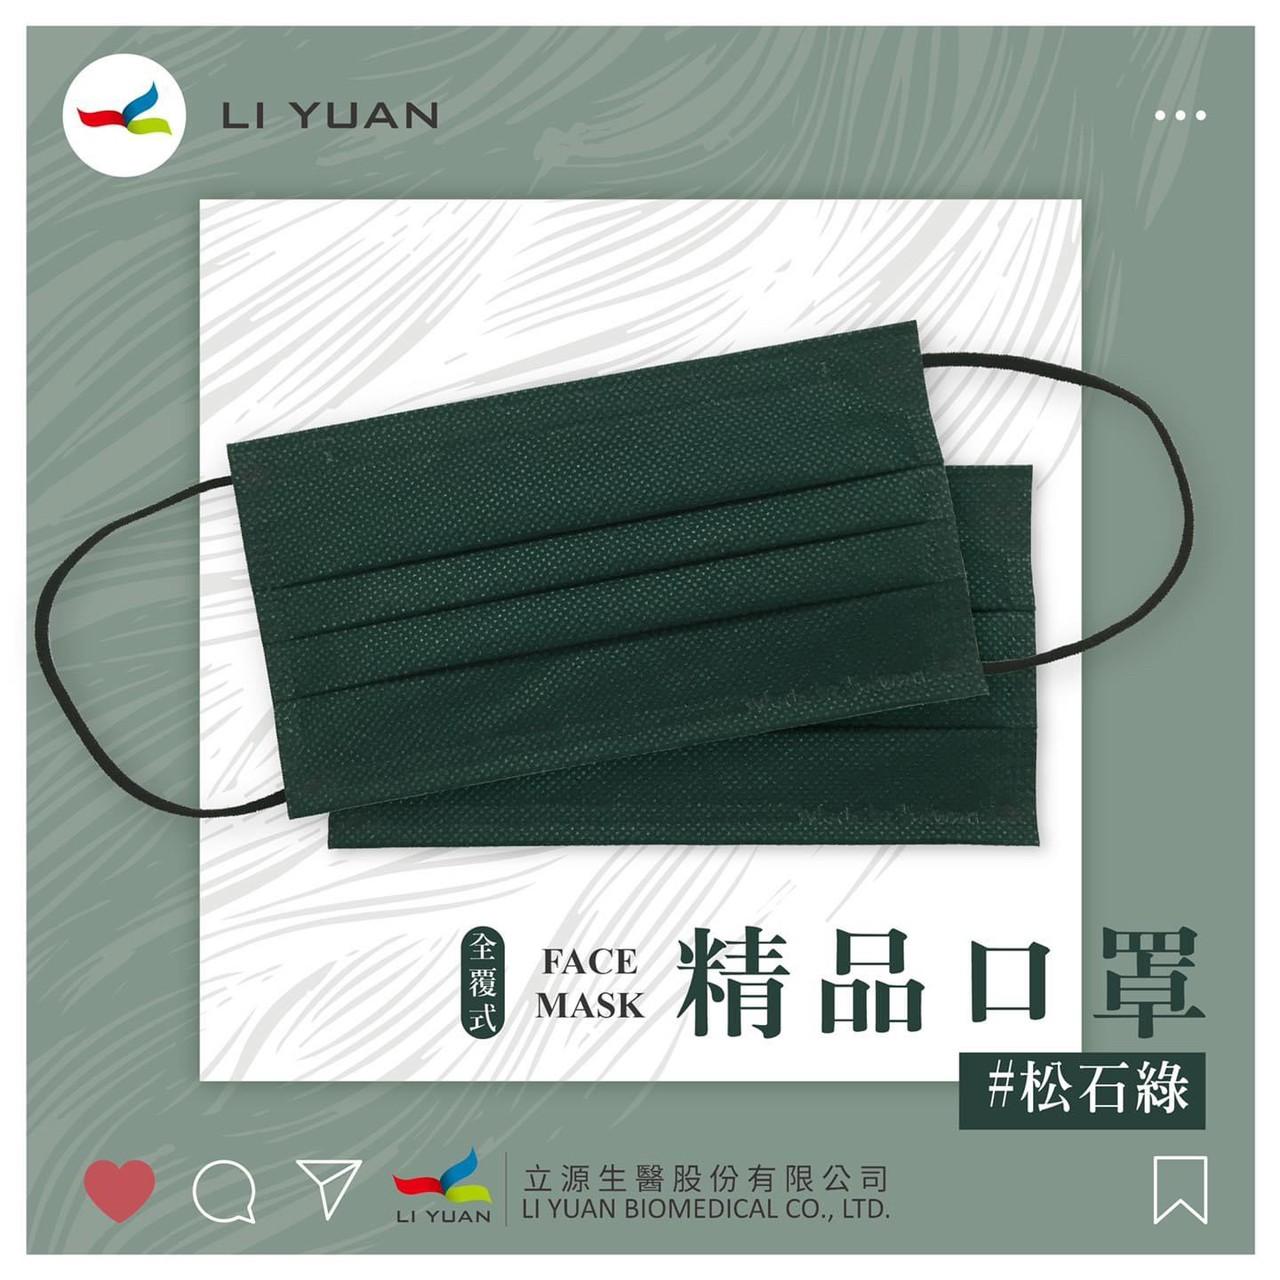 台灣製口罩 造型口罩 松石綠 深綠色 深色口罩